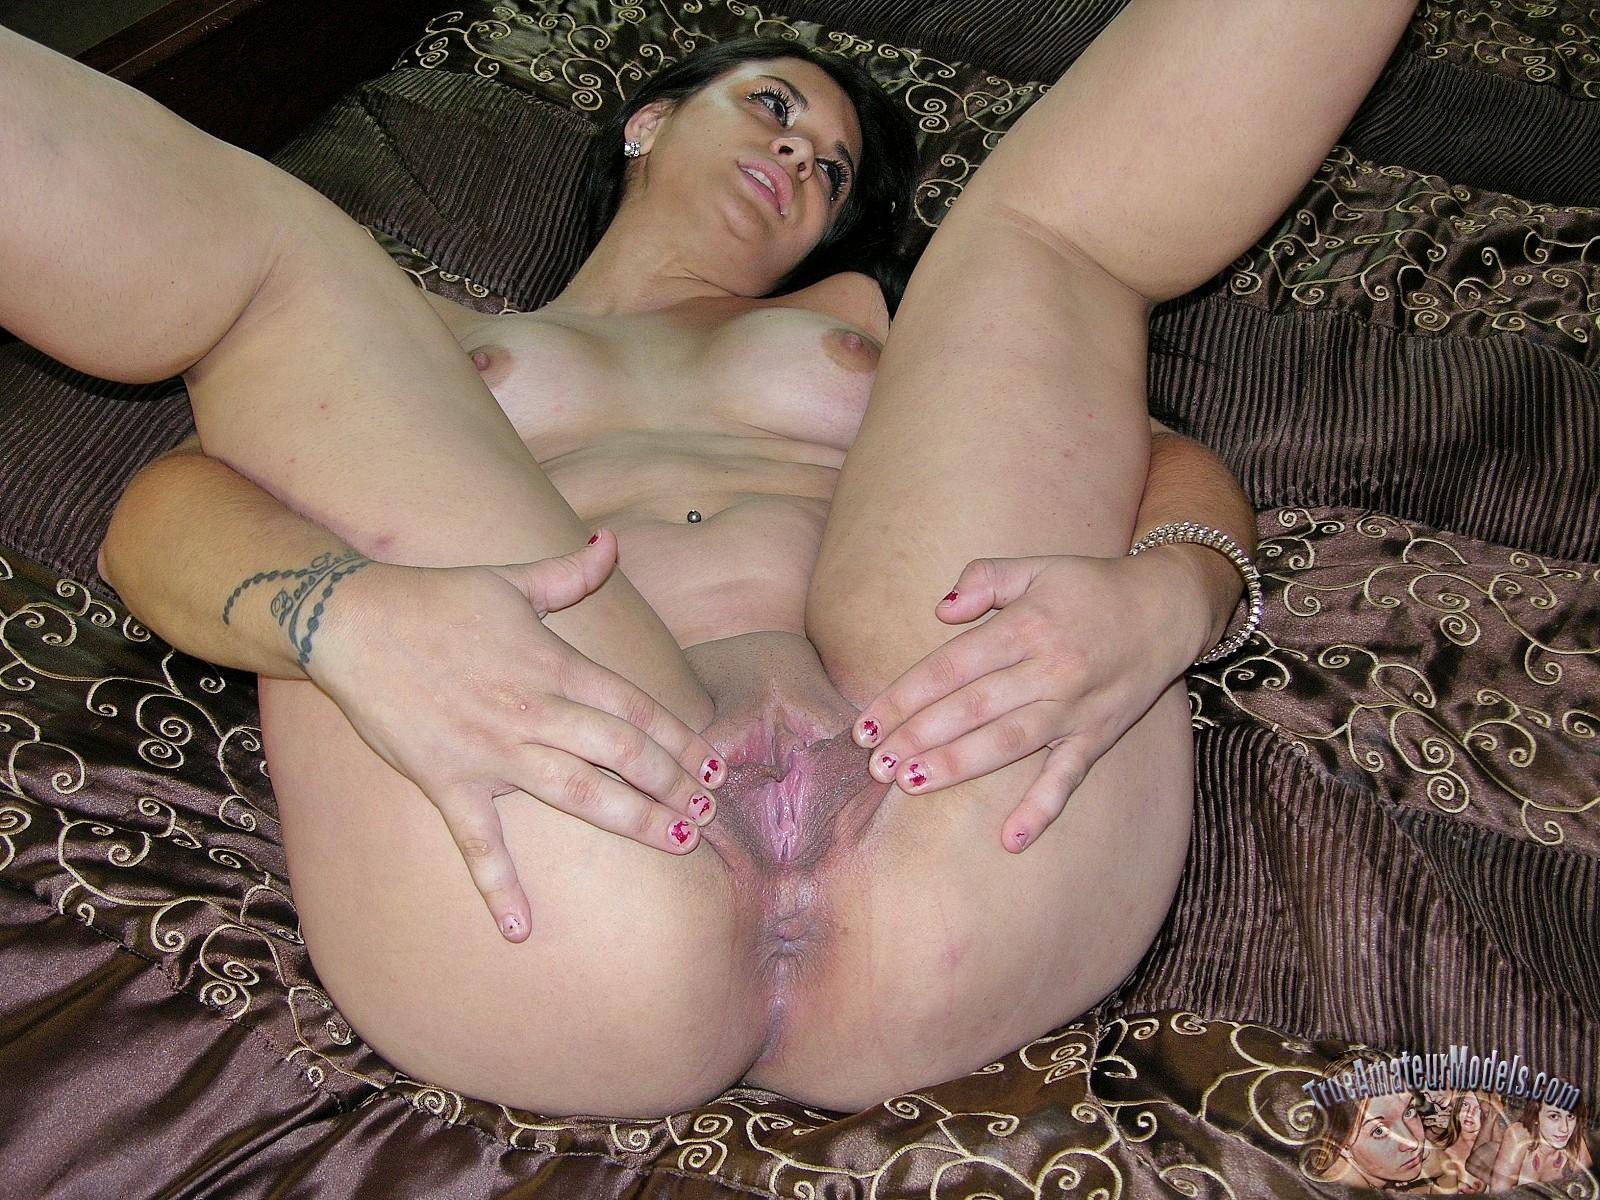 Девчонка с большой попочкой решила показать крупным планом дырки